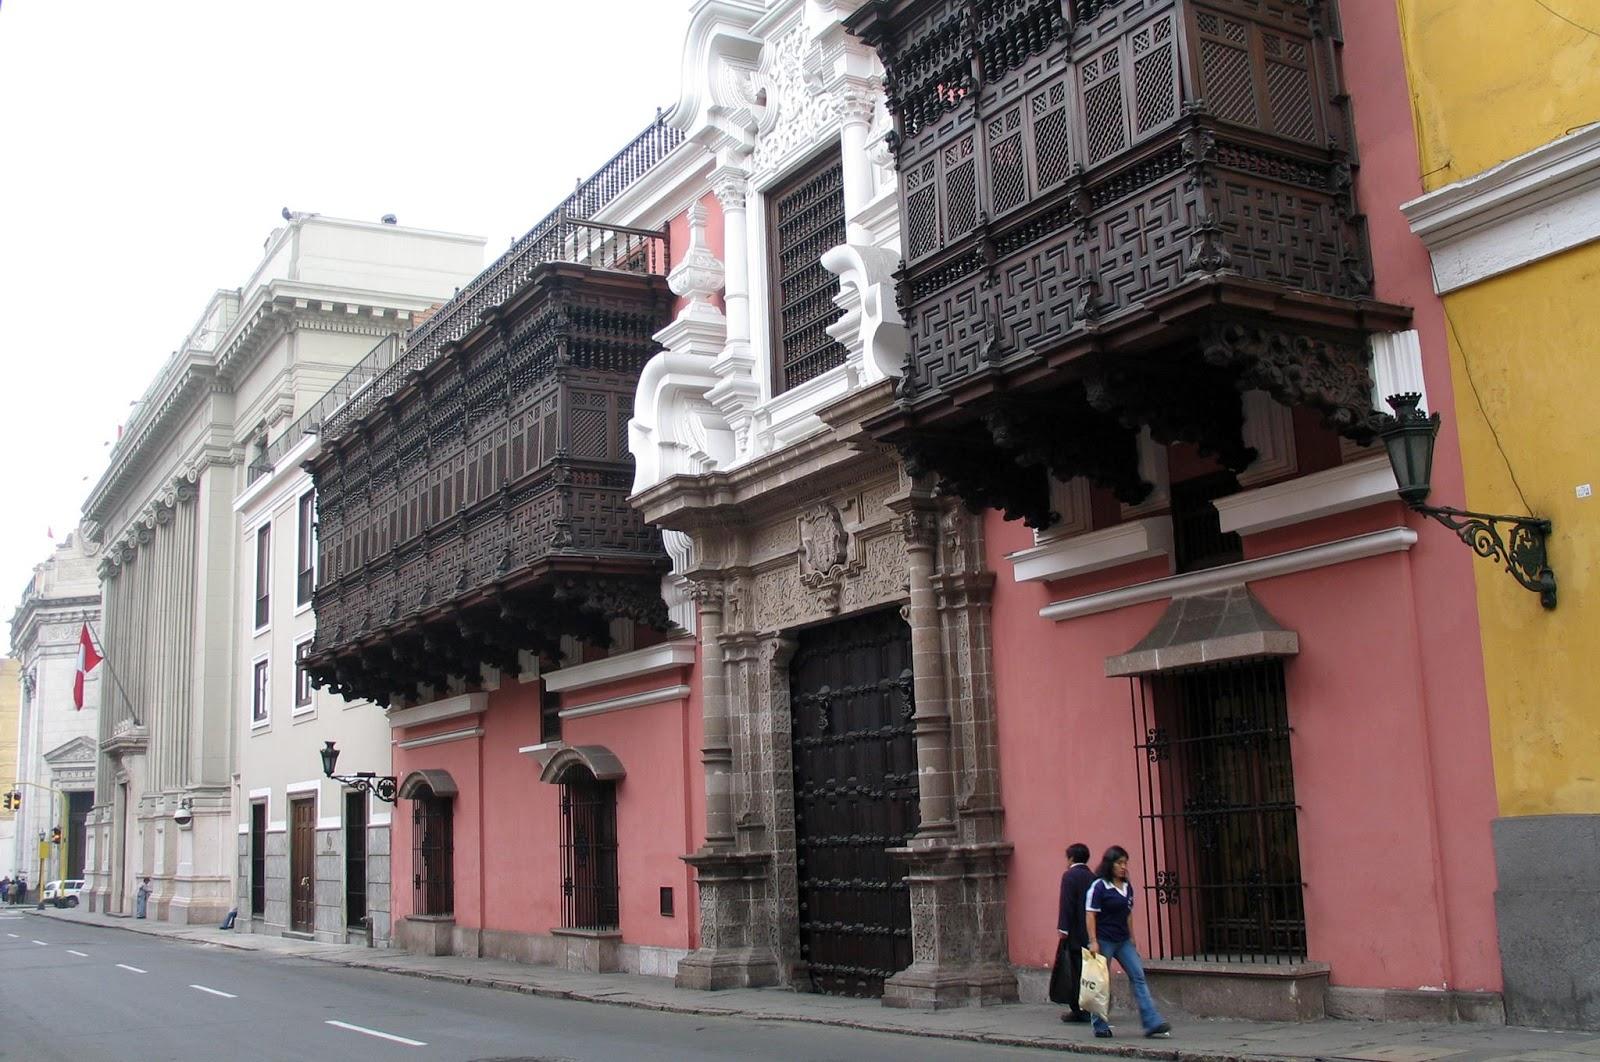 Palacio-de-Torre-Tagle-sede-del-Ministerio-de-Asuntos-Exteriores-de-la-República-de-Perú.